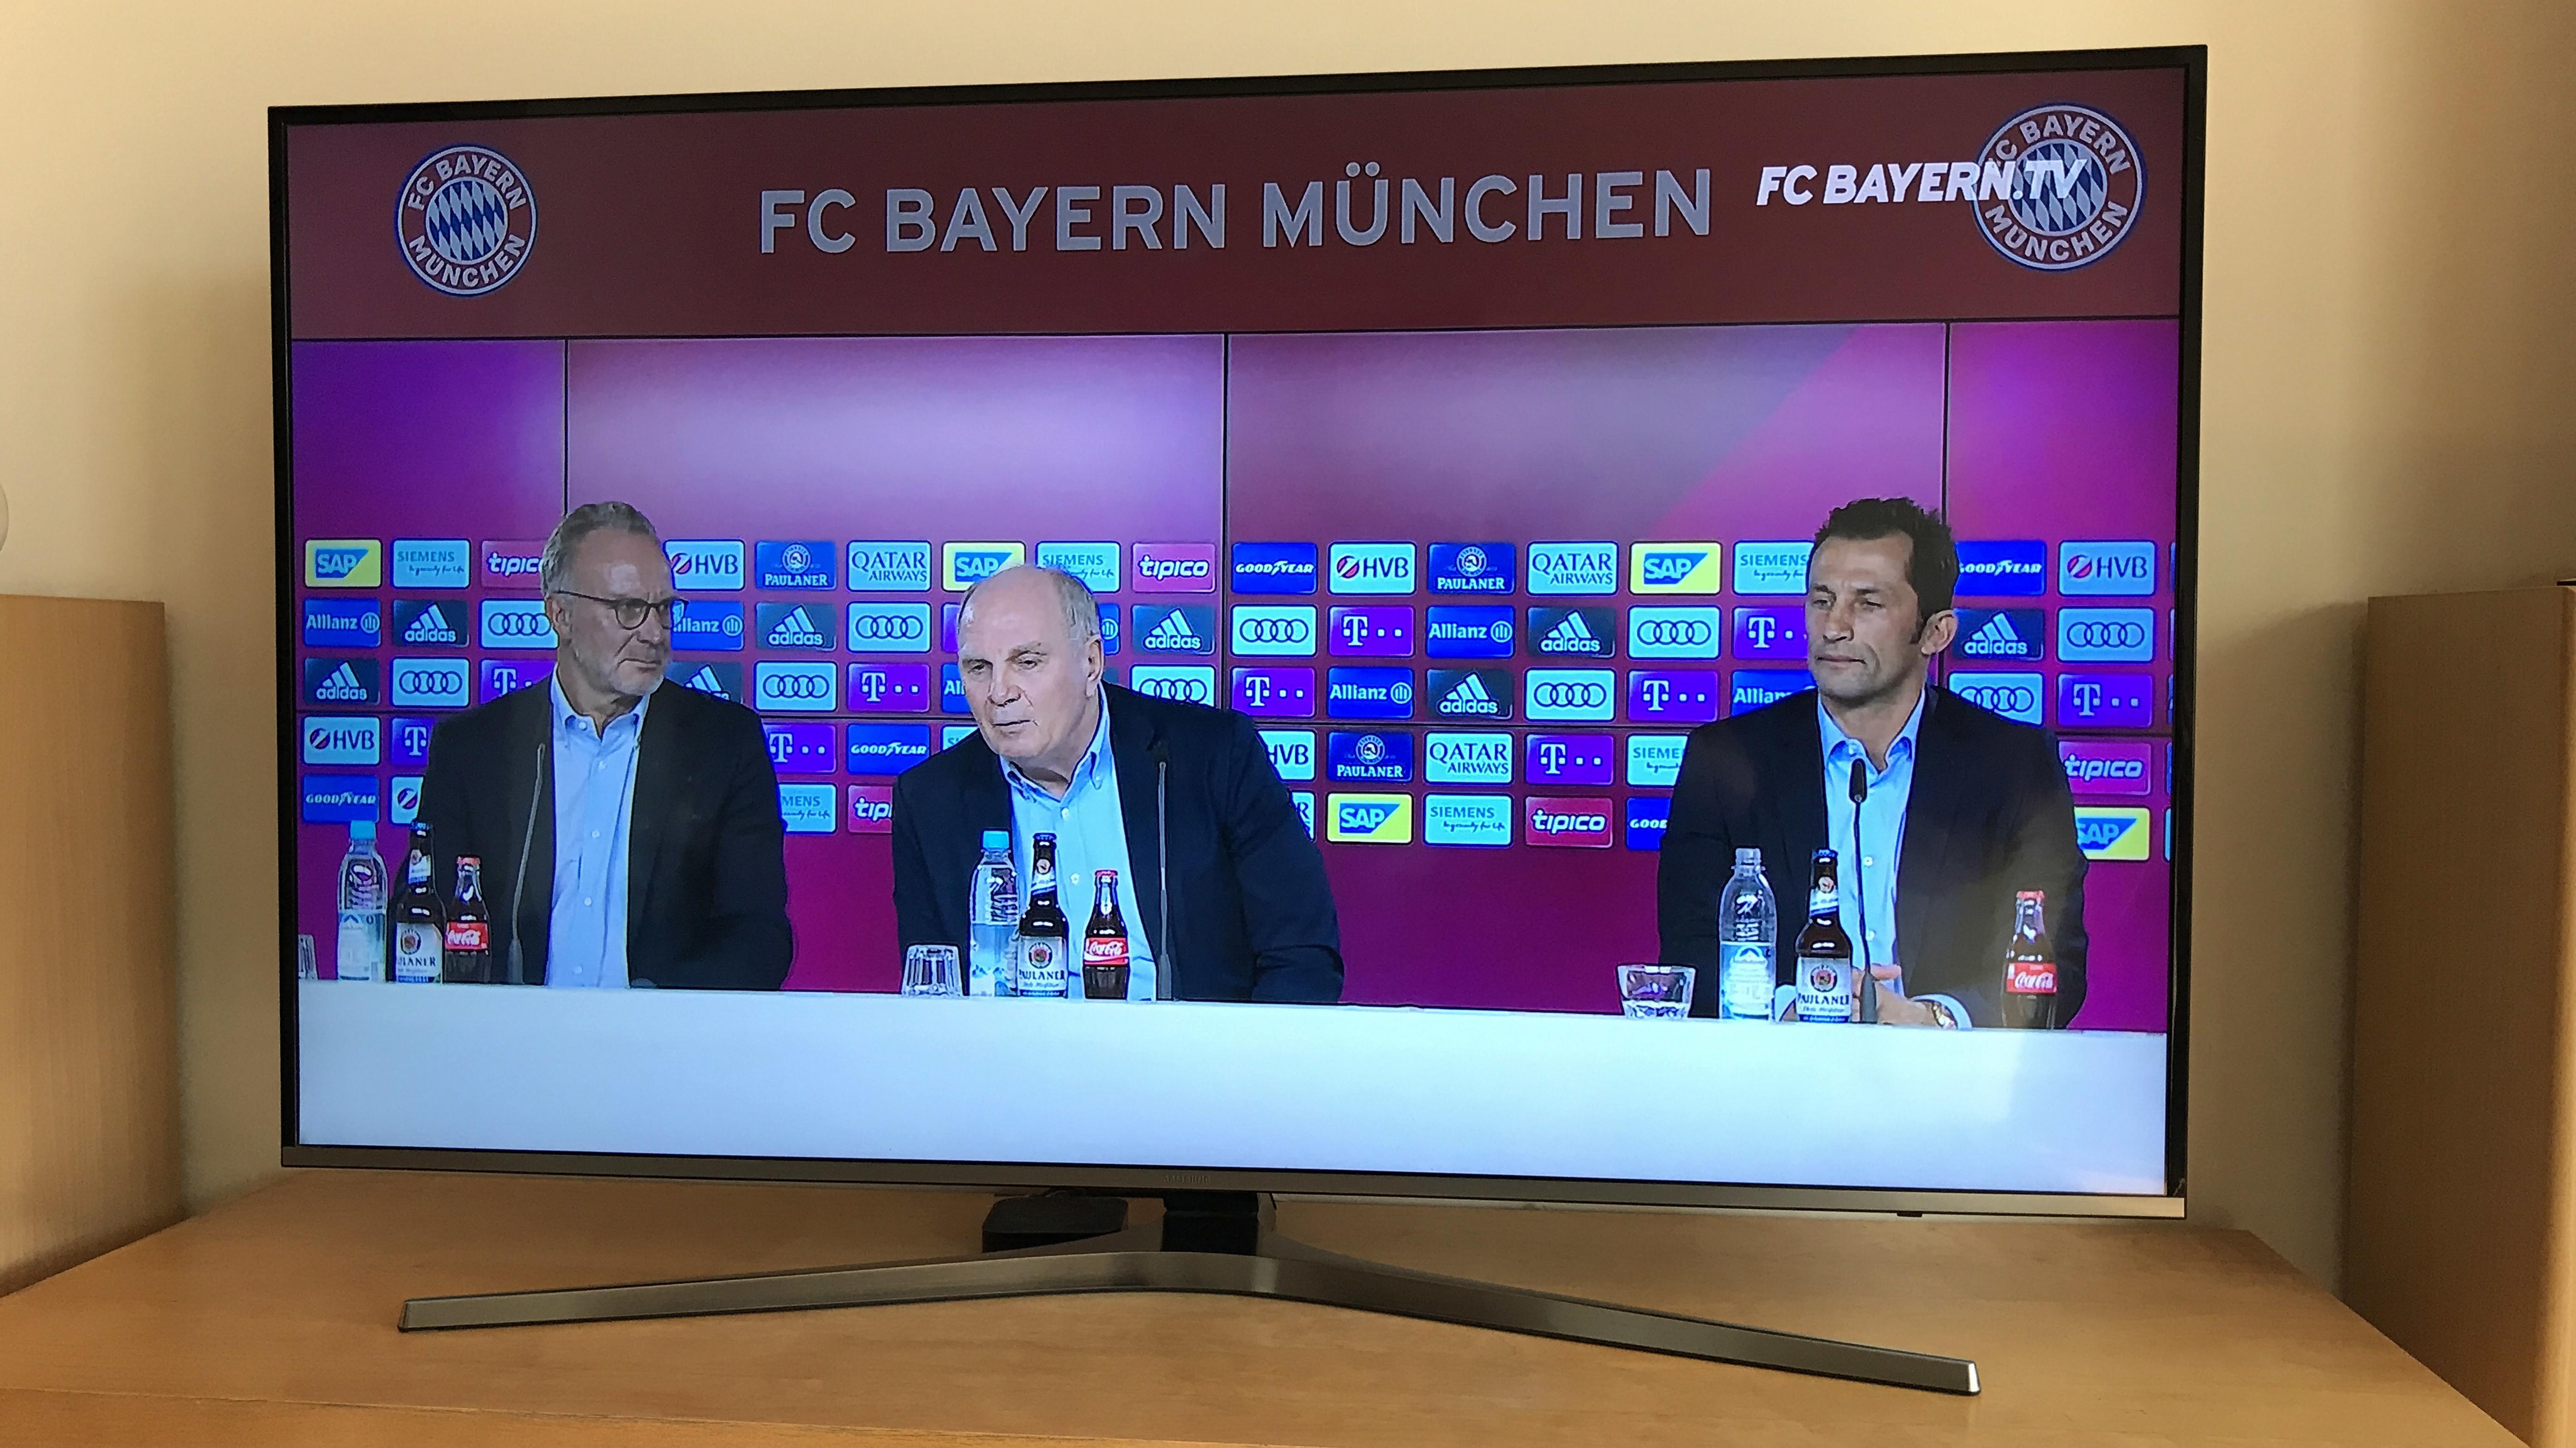 FC-Bayern-Pressekonferenz auf einem TV-Gerät